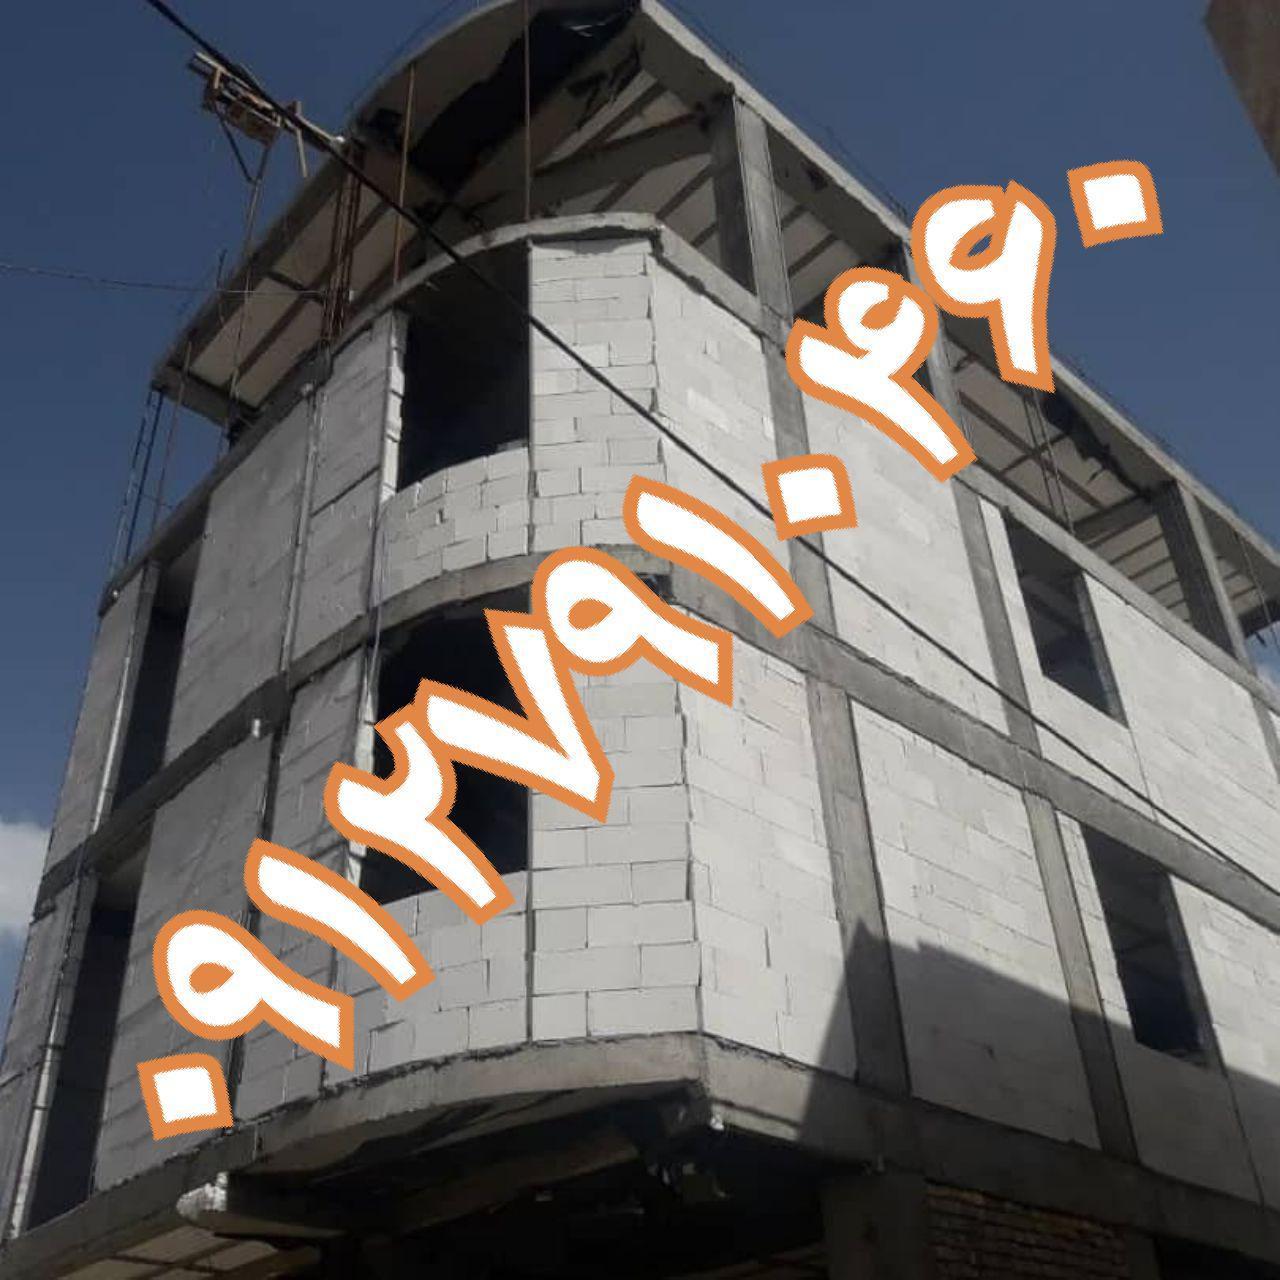 معماری هوشمندوساختمان